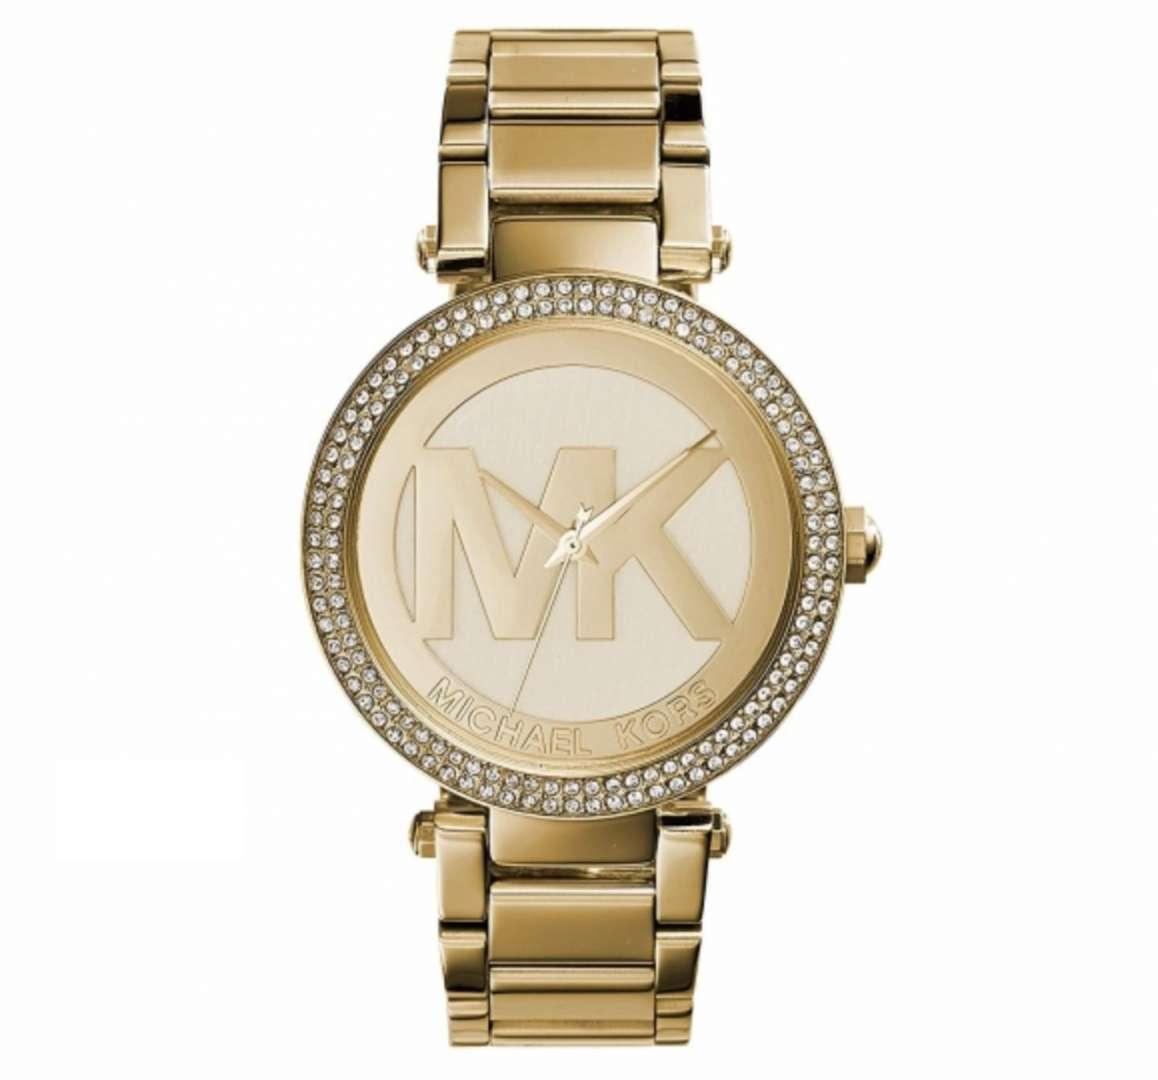 שעון יד אנלוגי לאישה michael kors mk5784 מייקל קורס